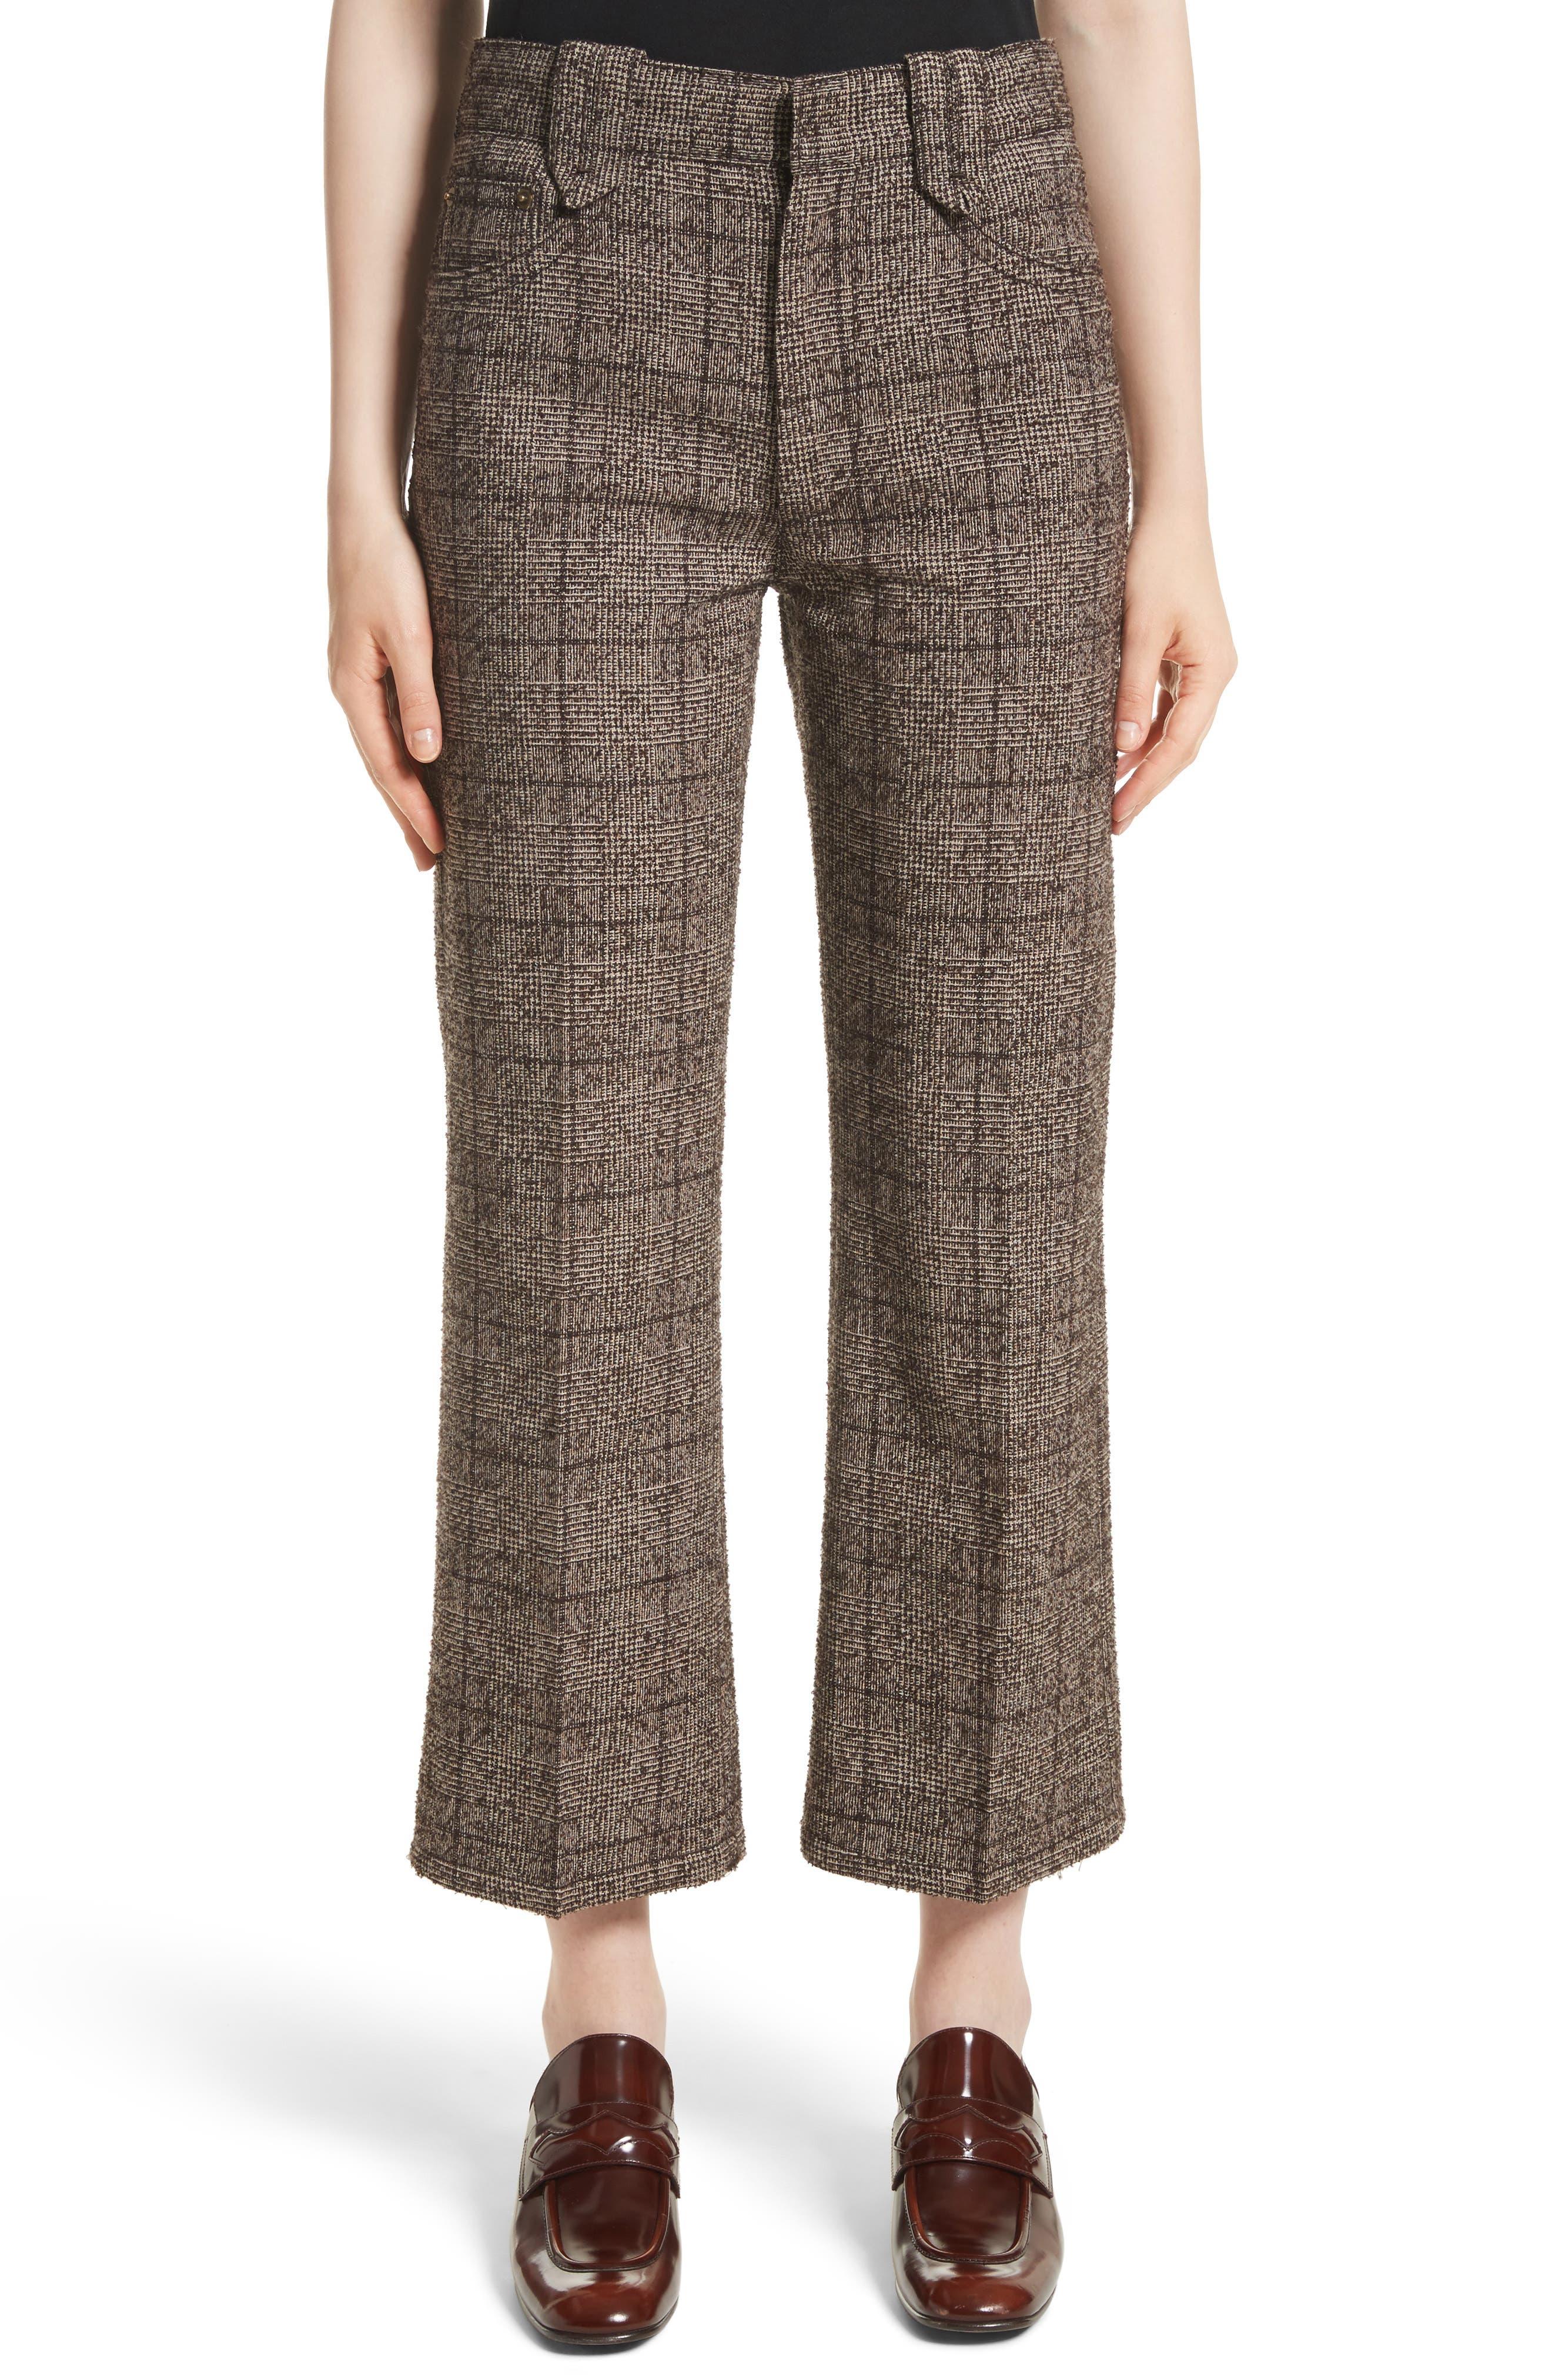 Alternate Image 1 Selected - MARC JACOBS Plaid Tweed Crop Pants